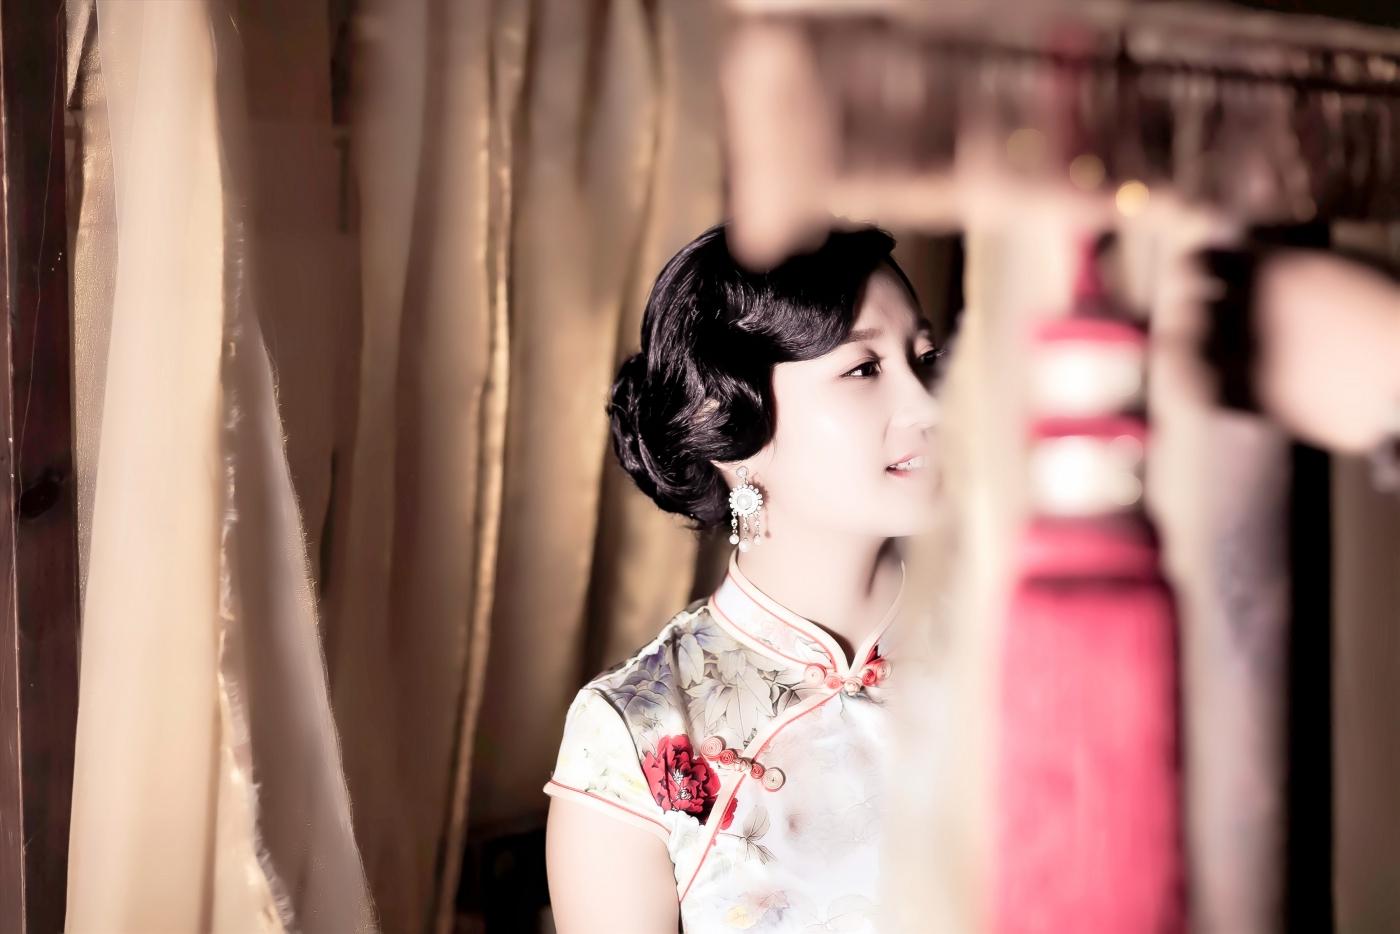 当临沂女孩孔孙懿凡遇到旗袍 一样会像王的女人一样高贵典雅 ..._图1-17